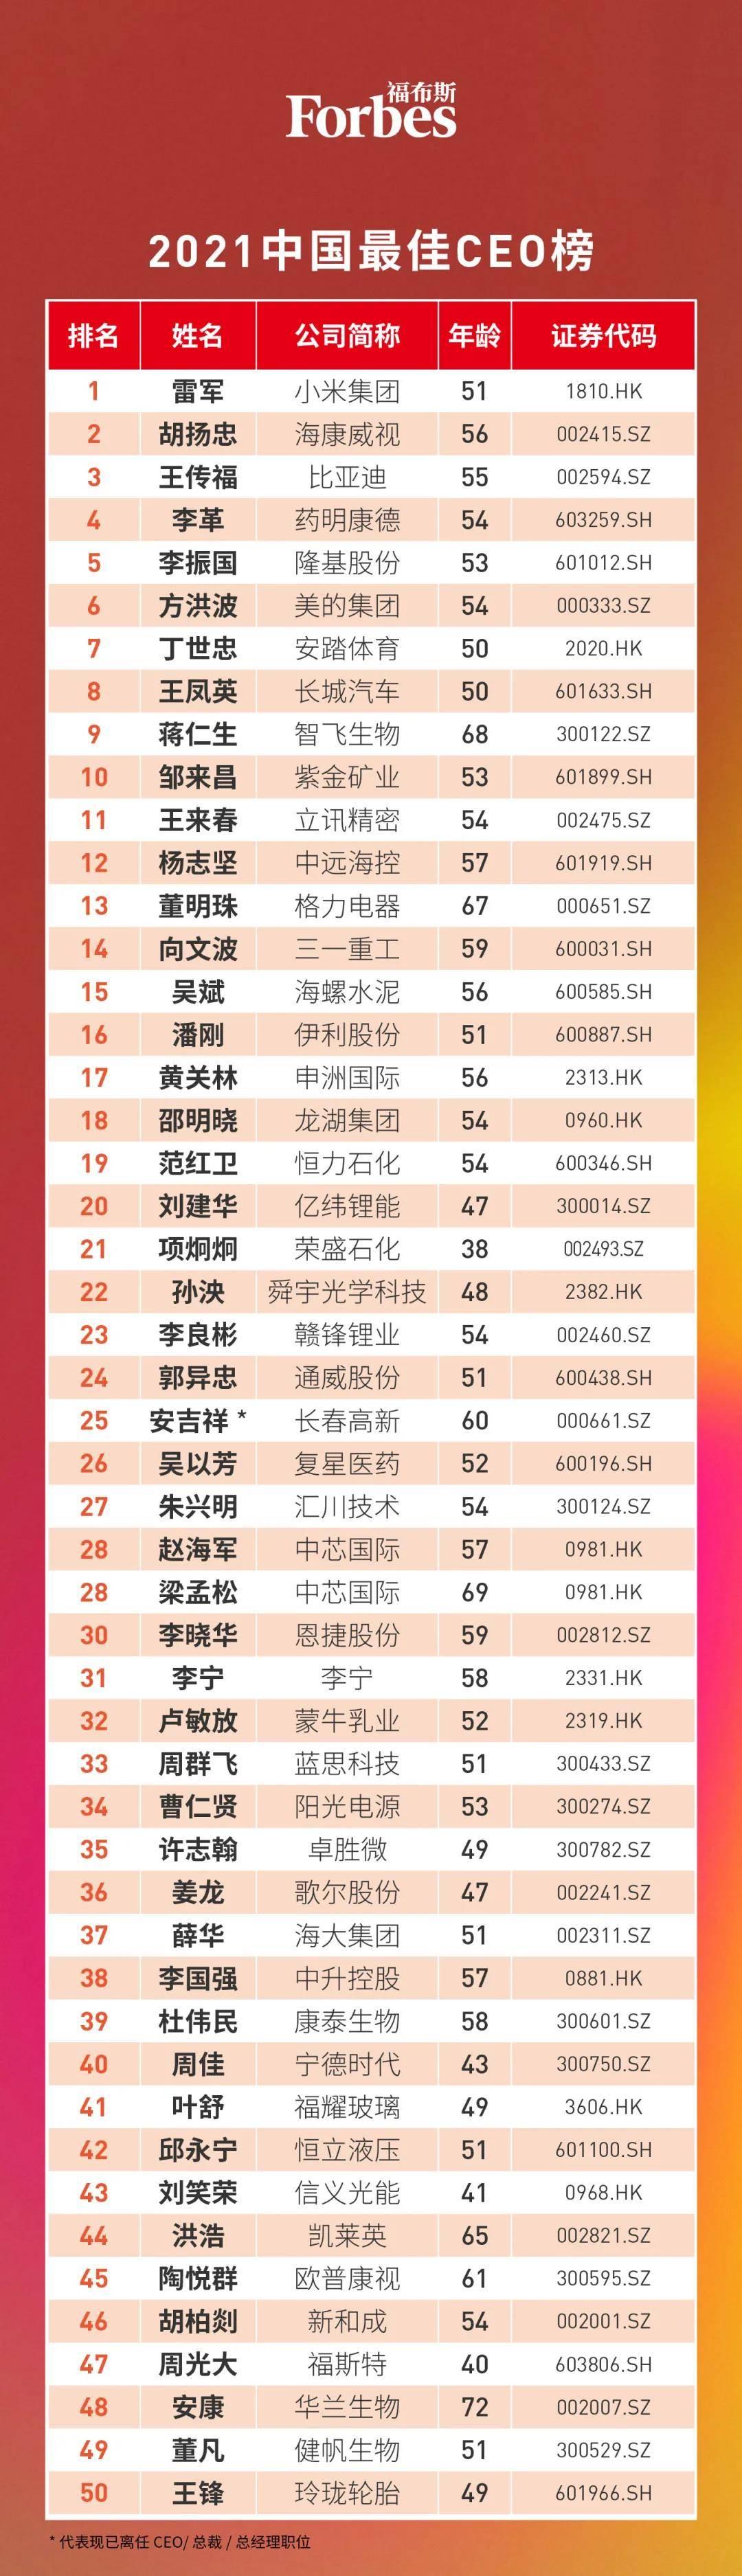 福布斯2021中国最佳CEO榜.jpg.jpg